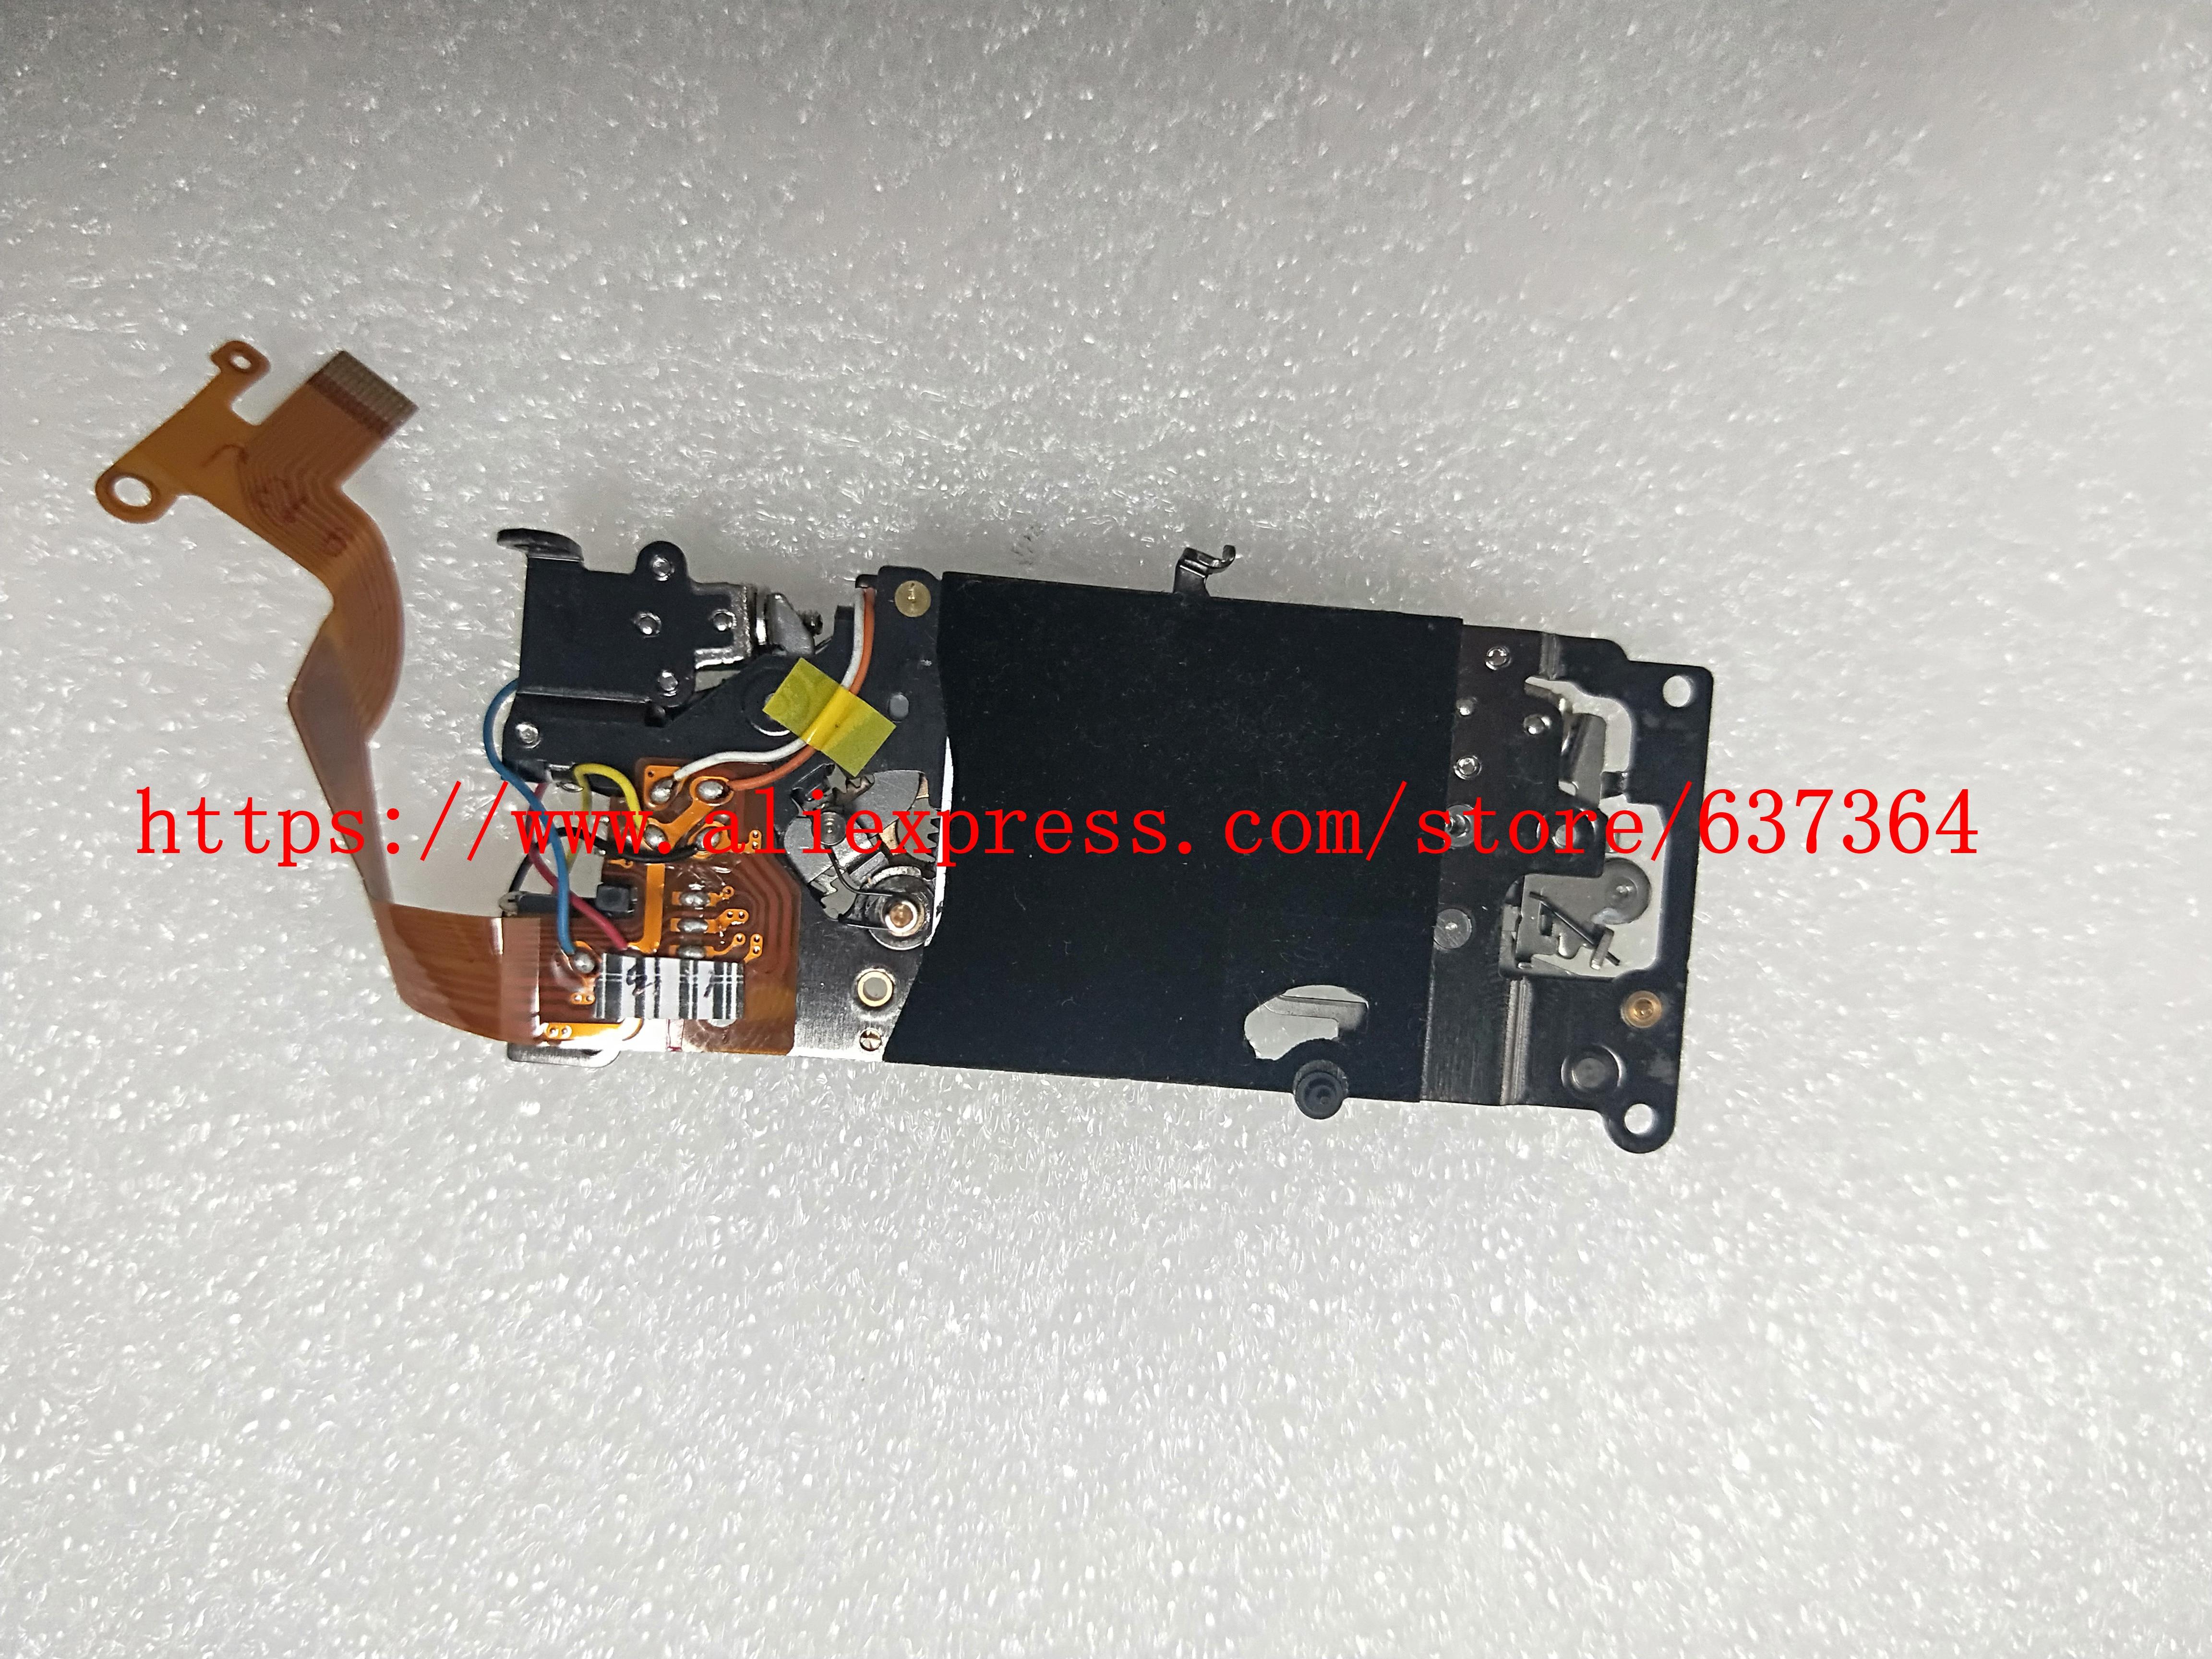 Repair Parts For Nikon D700 Aperture Group Ass'y Base Plate Control Unit 1B061-087